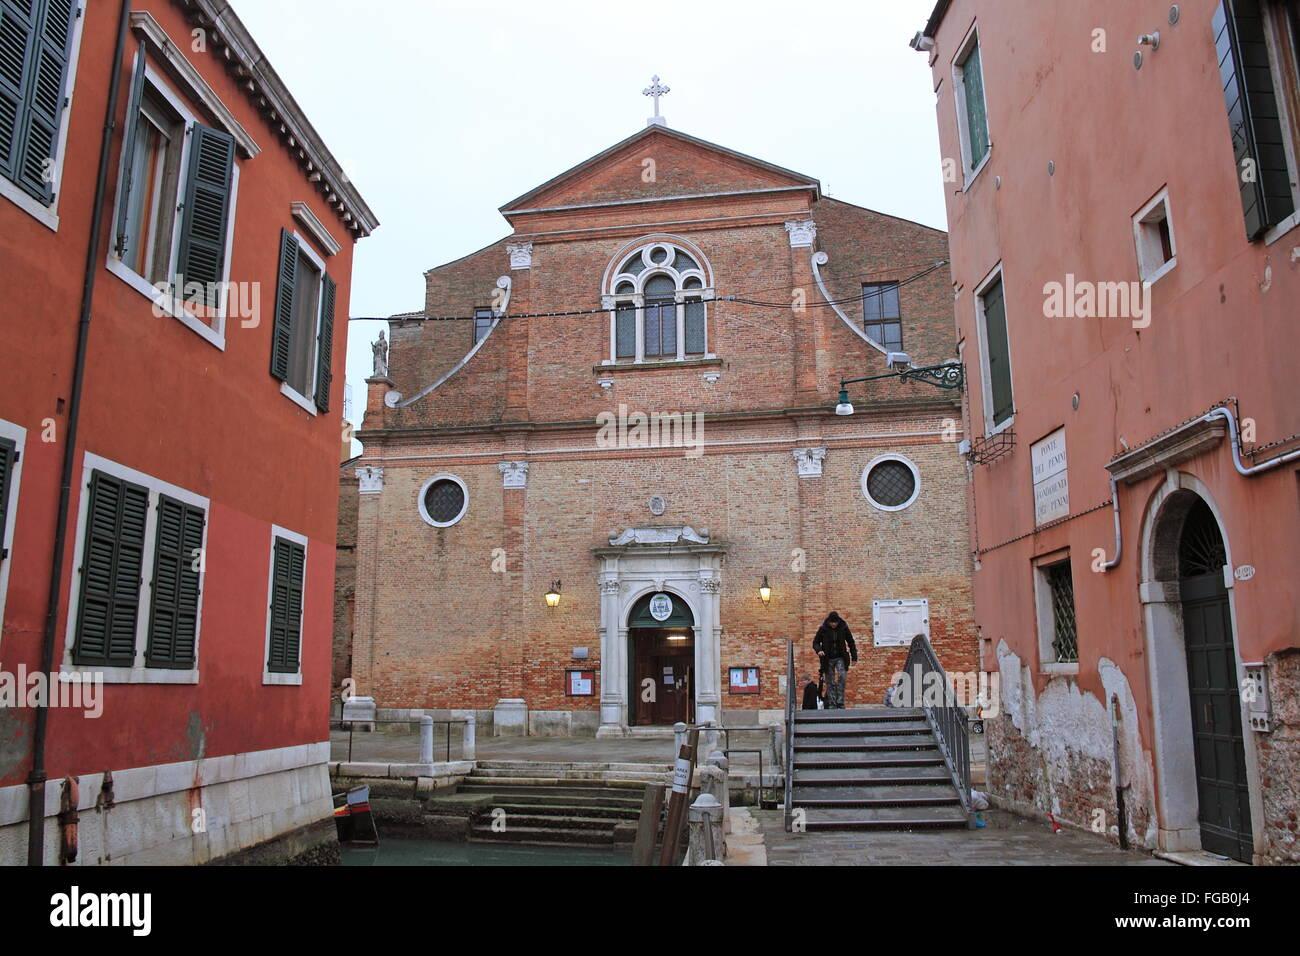 Chiesa di San Martino, Campo San Martino, Castello, Venice, Veneto, Italy, Adriatic Sea, Europe - Stock Image